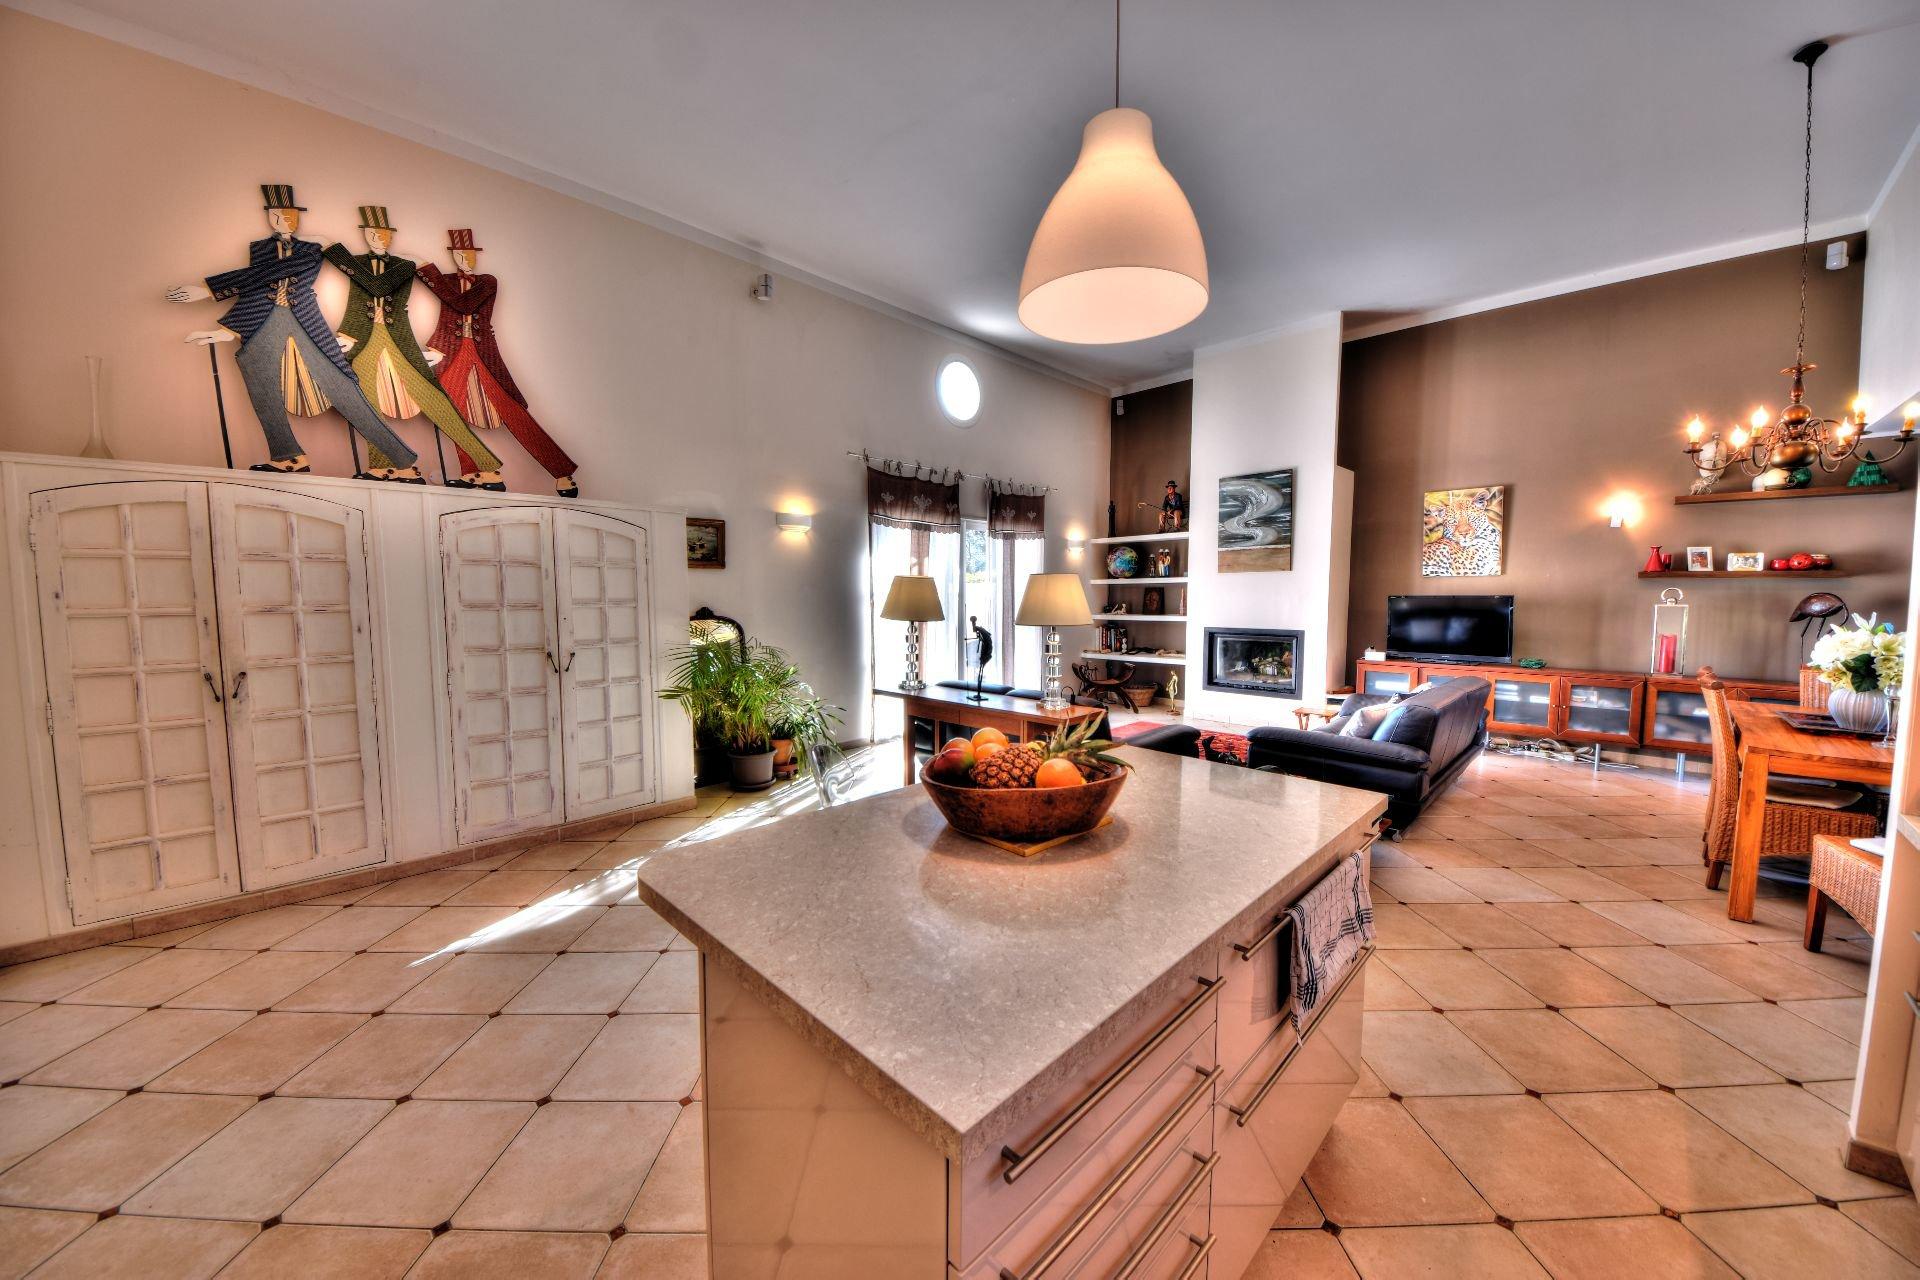 Chandelier, natural light, kitchen bar, kitchen island